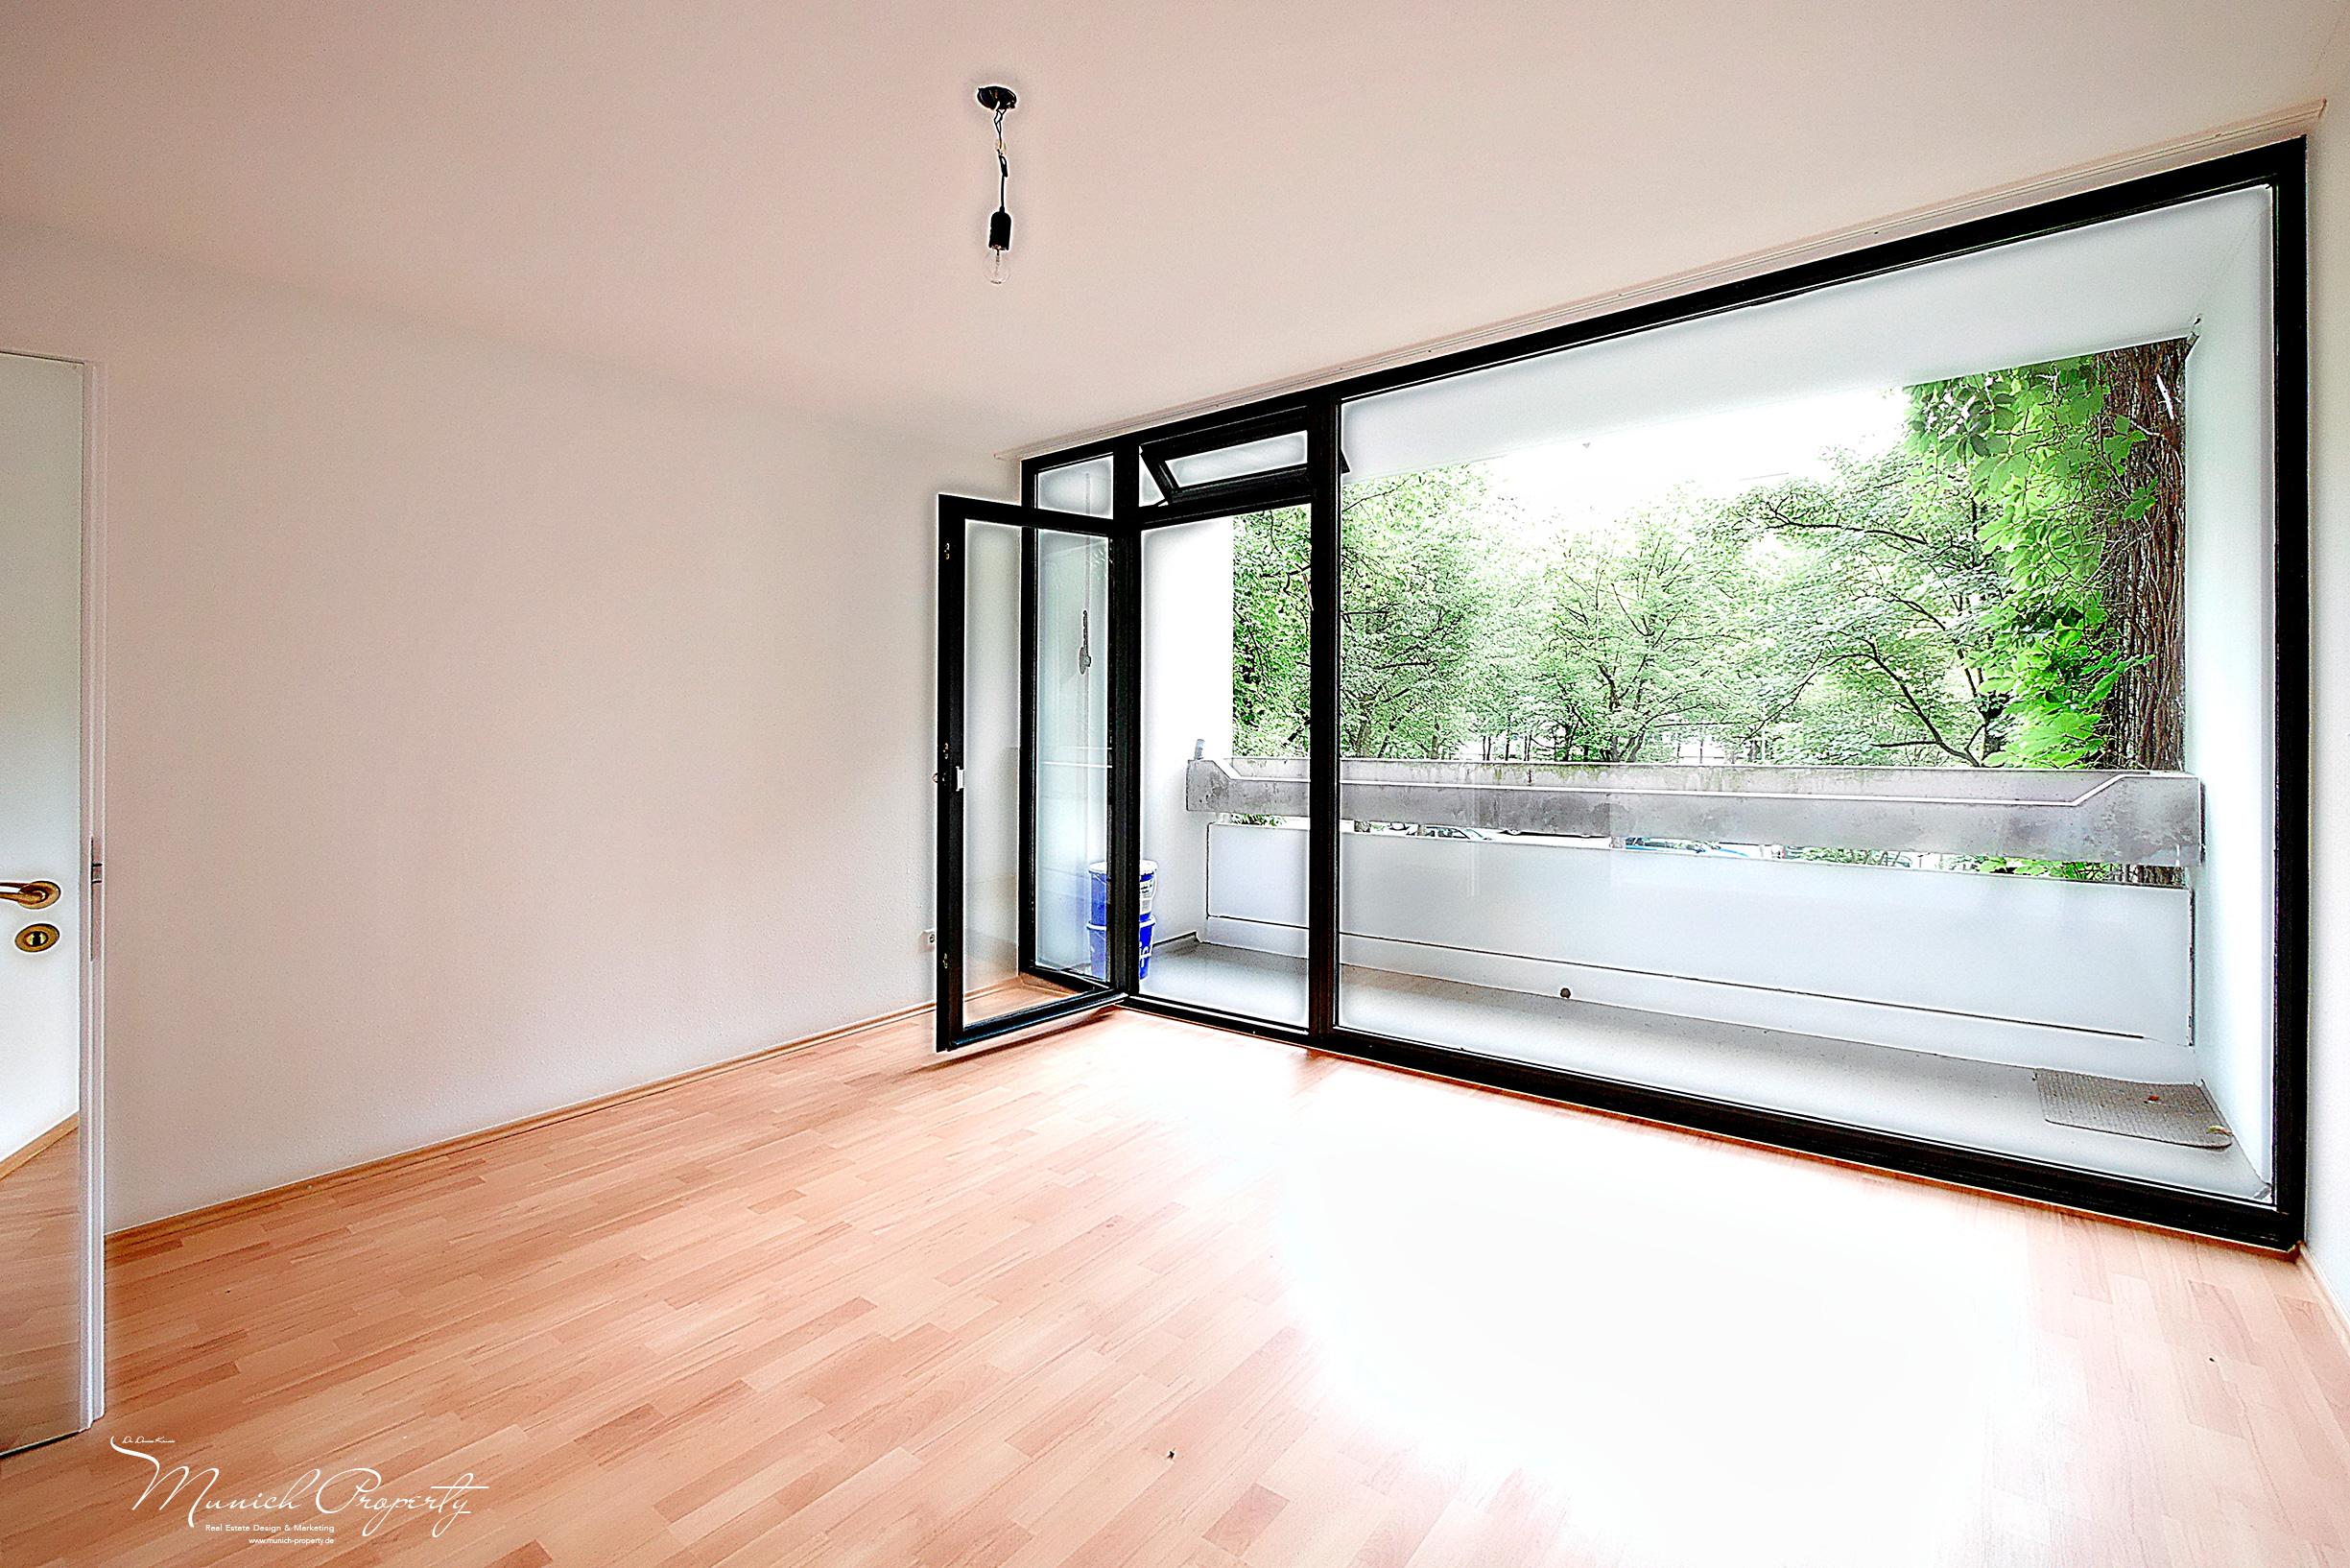 Wohnung München Bogenhausen Fideliopark Knappertsbuschstrasse: Schlafzimmer